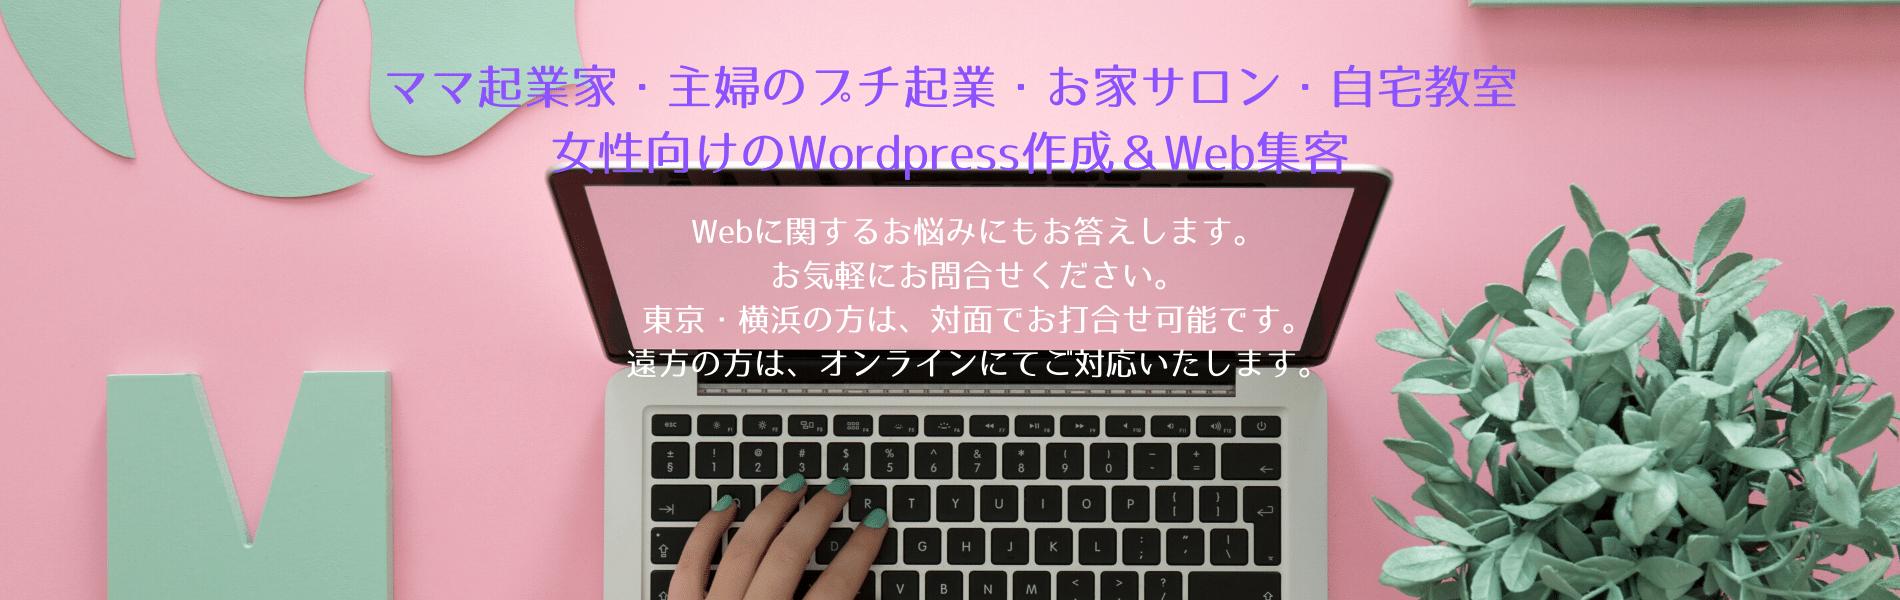 女性向け自宅サロンホームページ制作Web集客@東京・横浜・オンライン ヘッダー画像1